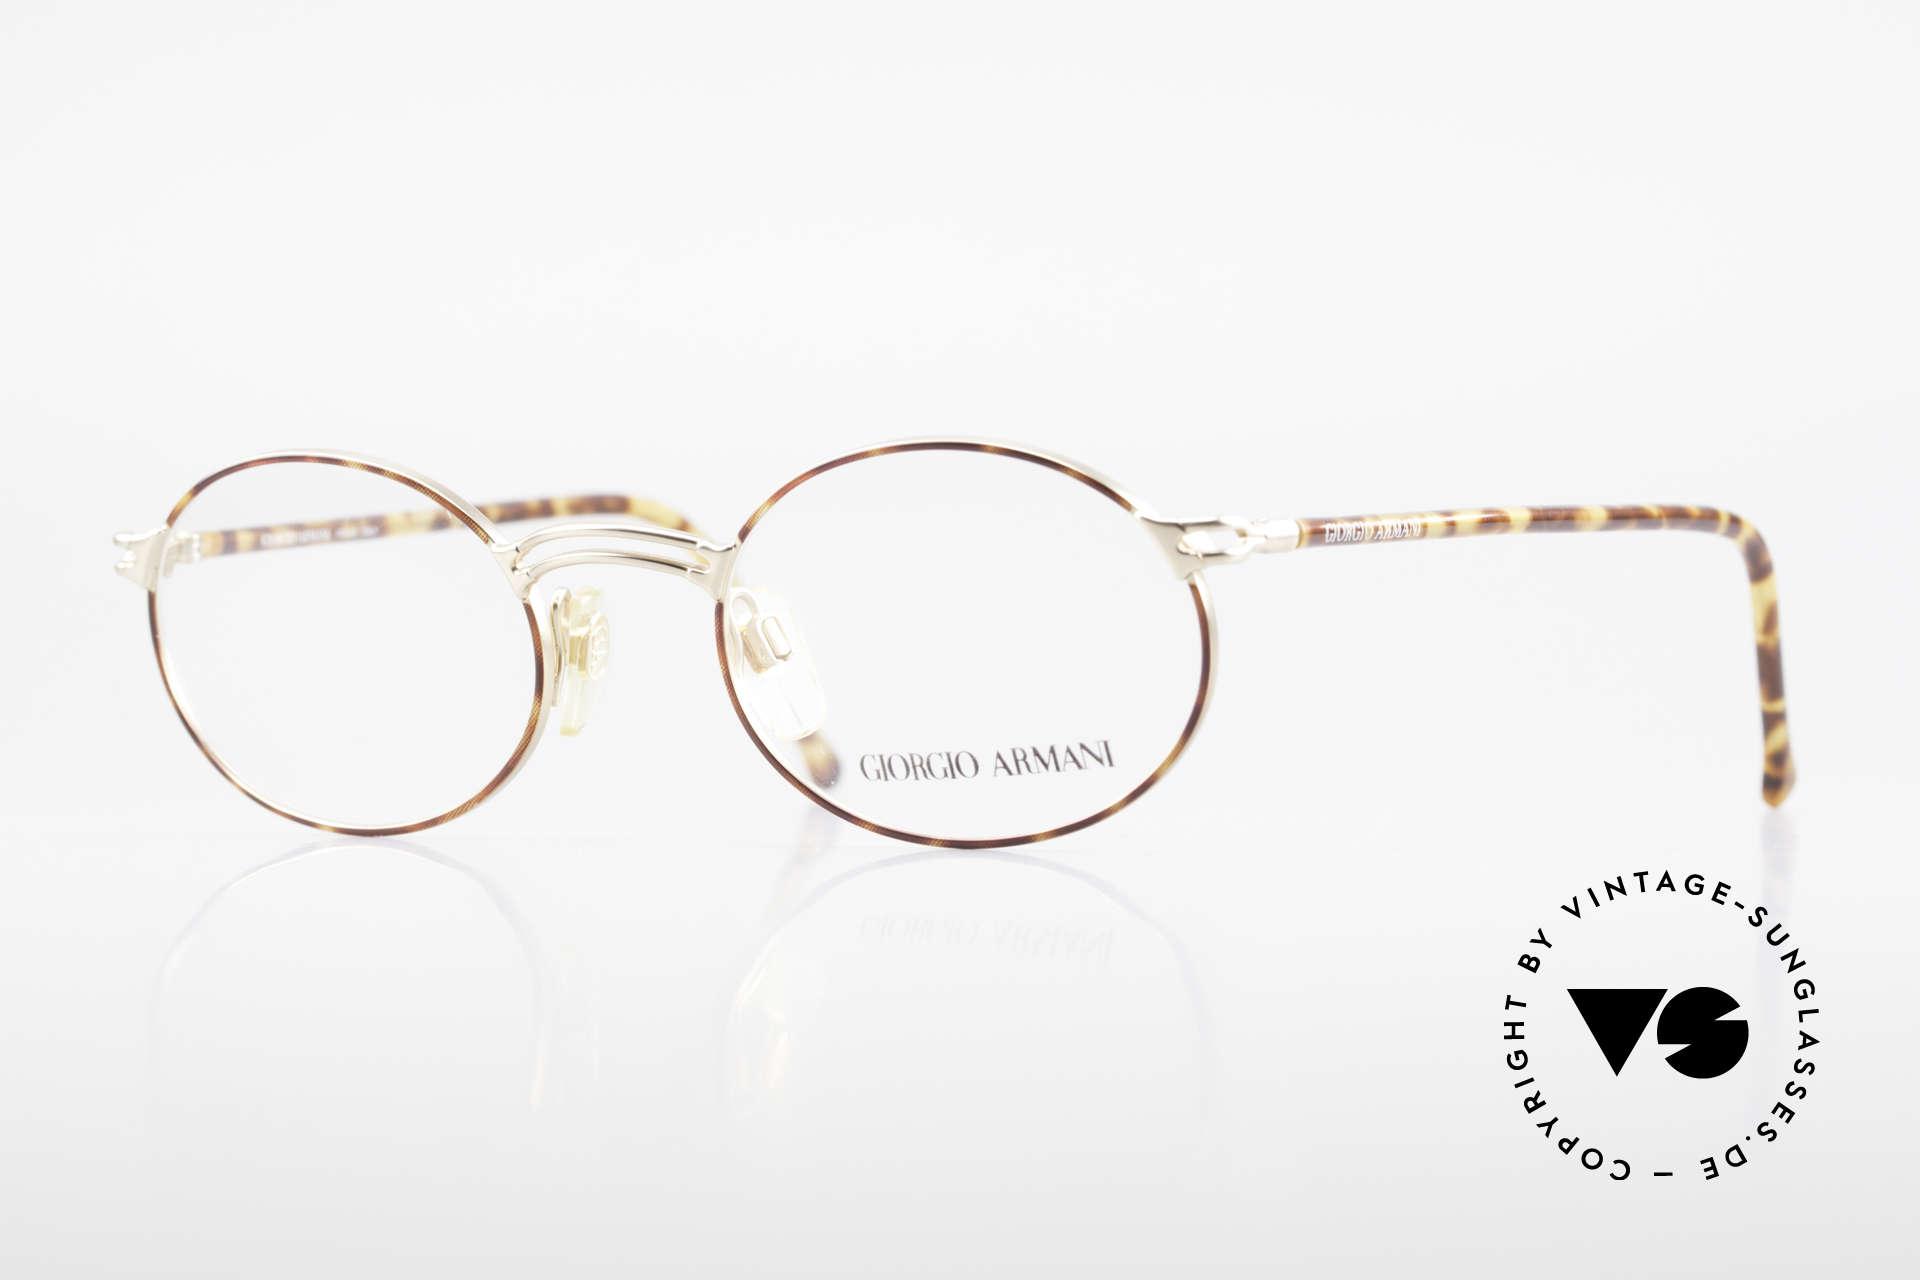 Giorgio Armani 194 Vintage Fassung No Retro Oval, vintage Designer-Brillenfassung v. Giorgio Armani, Passend für Herren und Damen